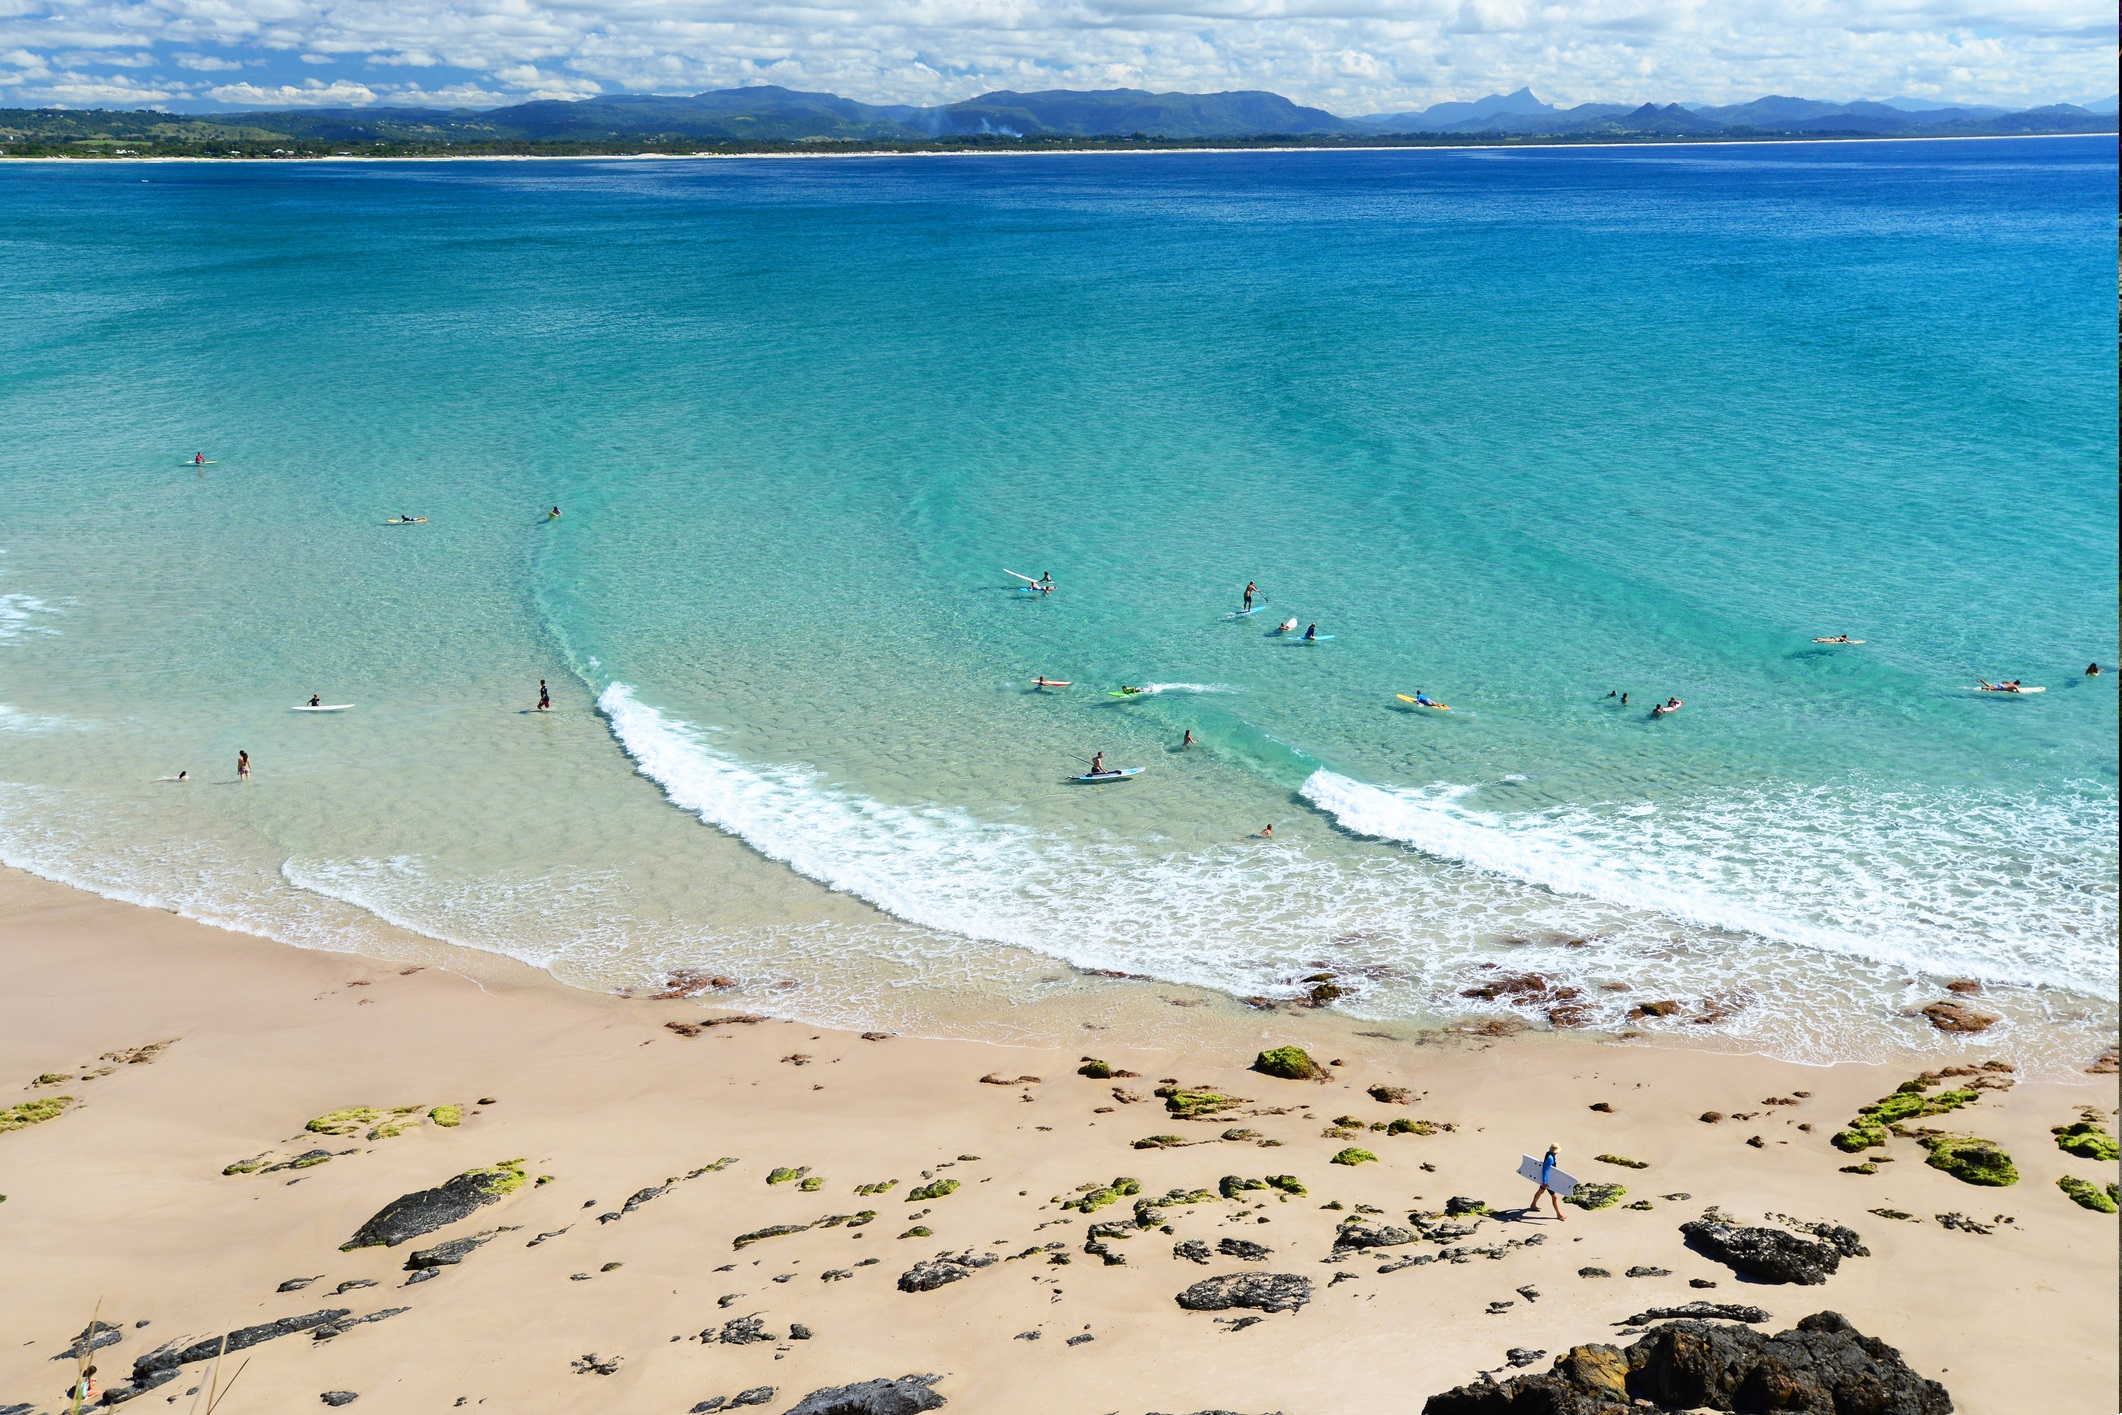 Уатегос, заливът Байрън, Австралия<br /> <br /> Плажовете на заливът Байрън са сред най-обичаните в Австралия. Уатегос и Малкият Уатегос са по-спокойната алтернатива на основния плаж. Уатегос предлага много възможности за плуване и сърф и перфектен бял пясък. Донесете си храна и слънцезащини продукти и прекарайте деня сред истинско спокойствие.